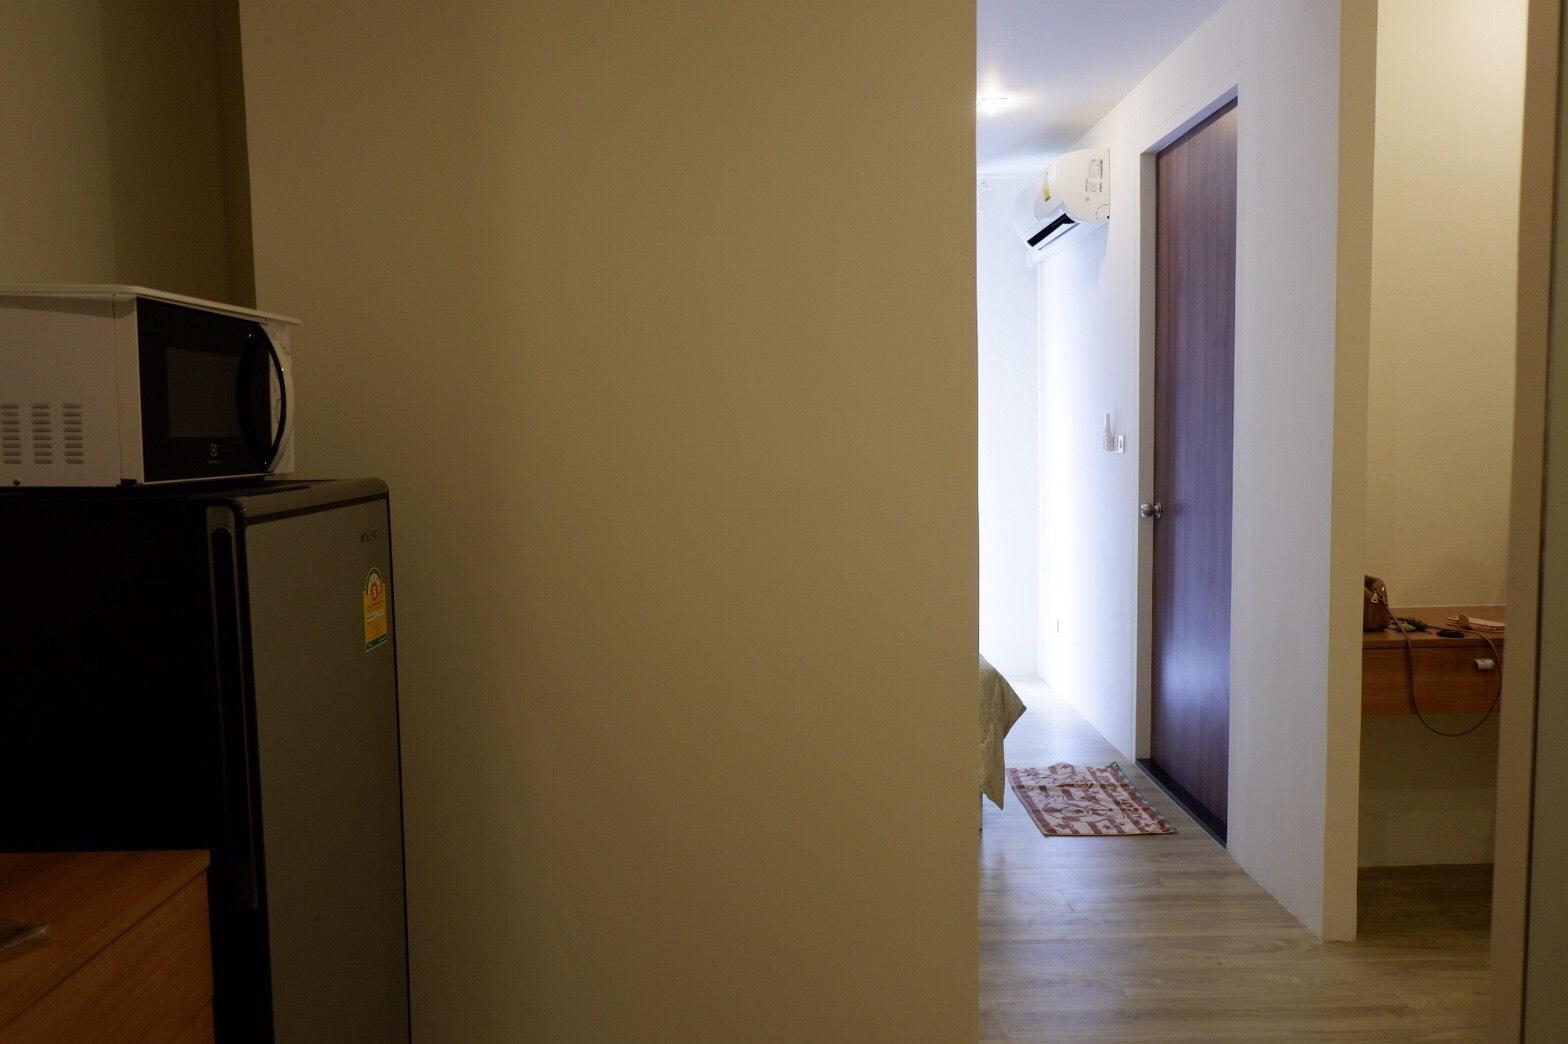 อพาร์ตเมนต์ 1 ห้องนอน 1 ห้องน้ำส่วนตัว ขนาด 32 ตร.ม. – บางบ่อ